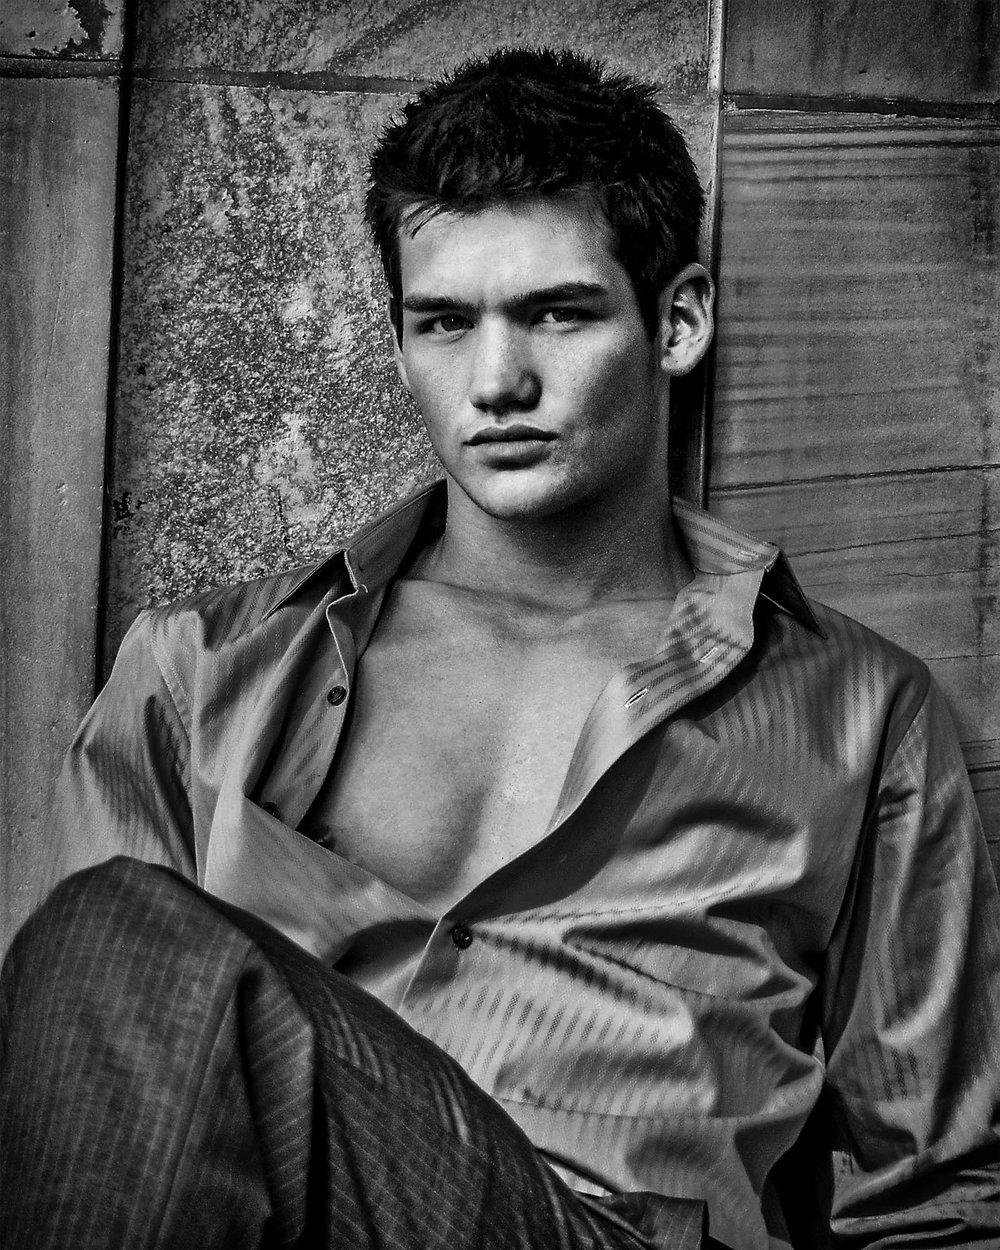 Male fashion portrait